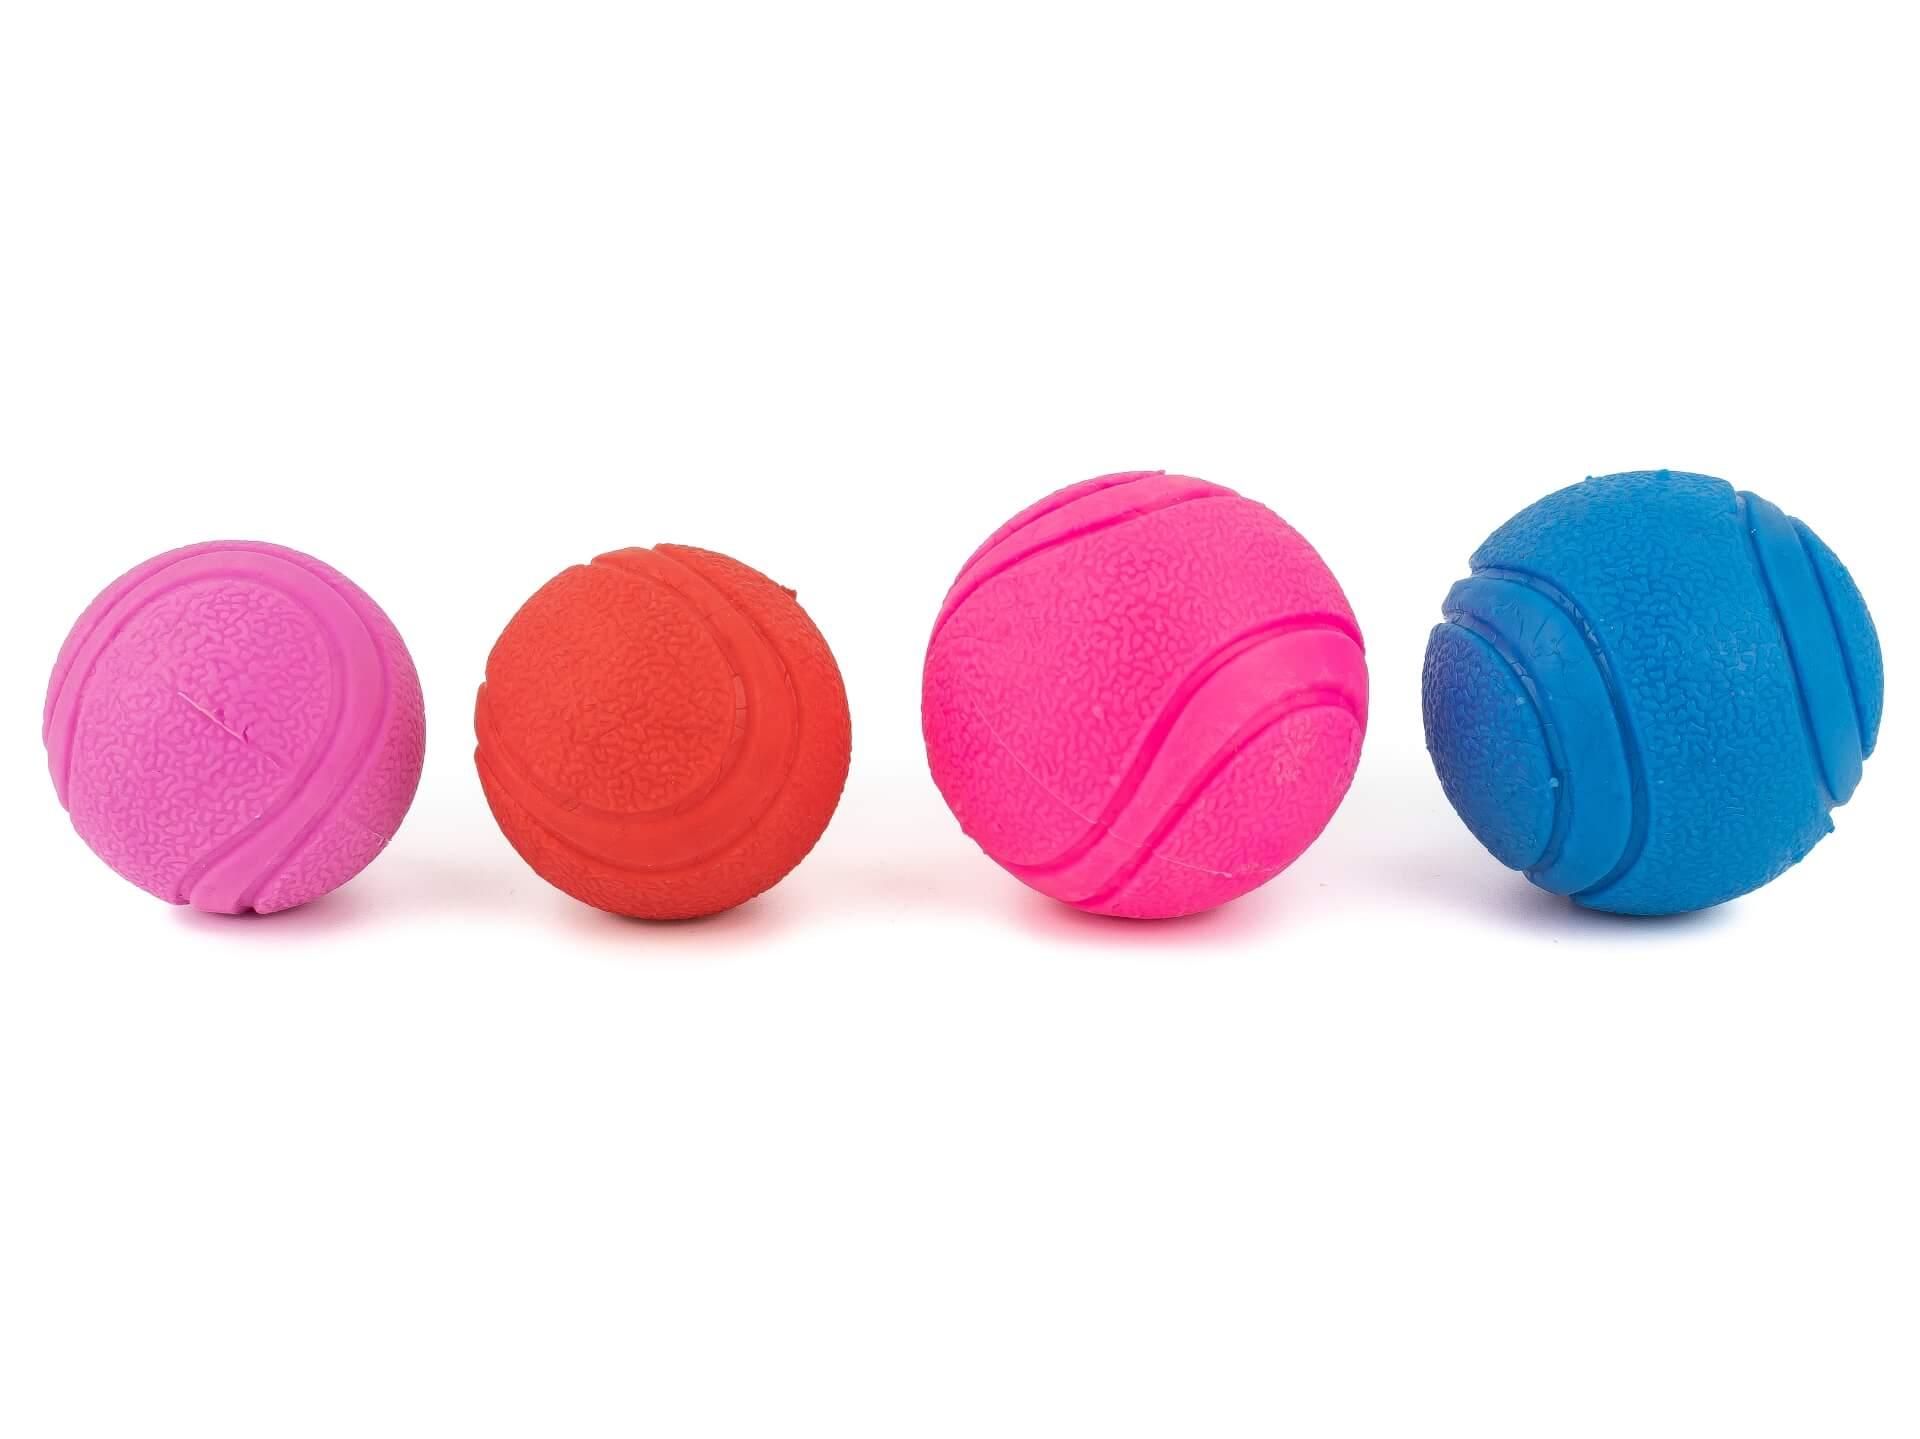 Vsepropejska Jump míček pro psa Barva: Červená, Rozměr: 6 cm